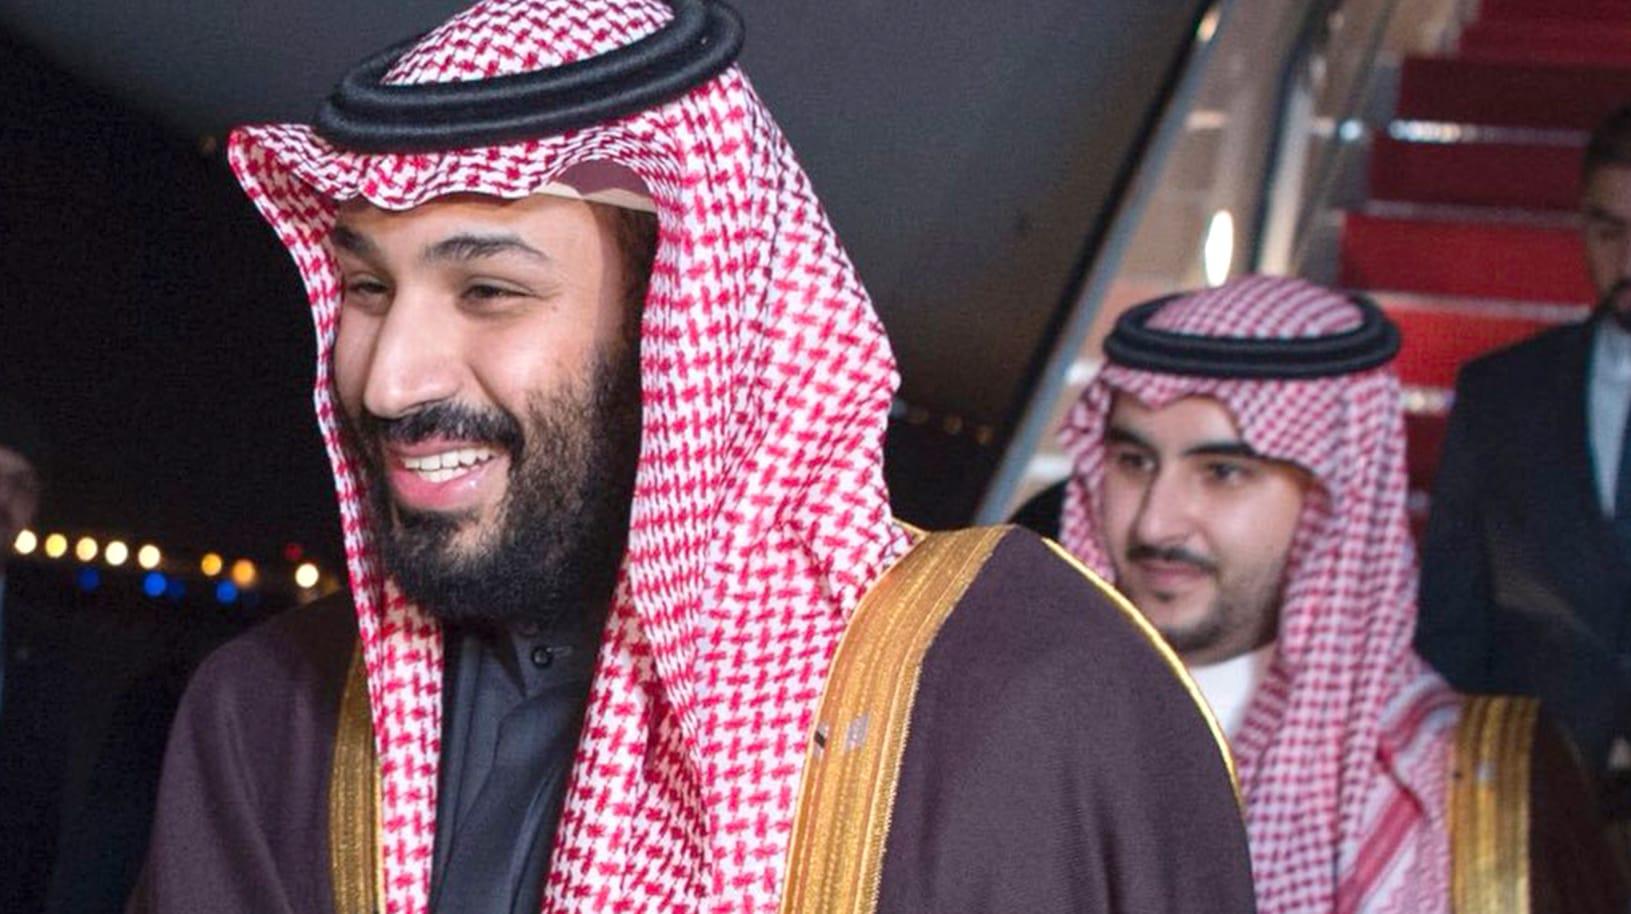 خالد بن سلمان لولي العهد السعودي في ذكرى مبايعته: كنت نبراسا وسدا منيعا